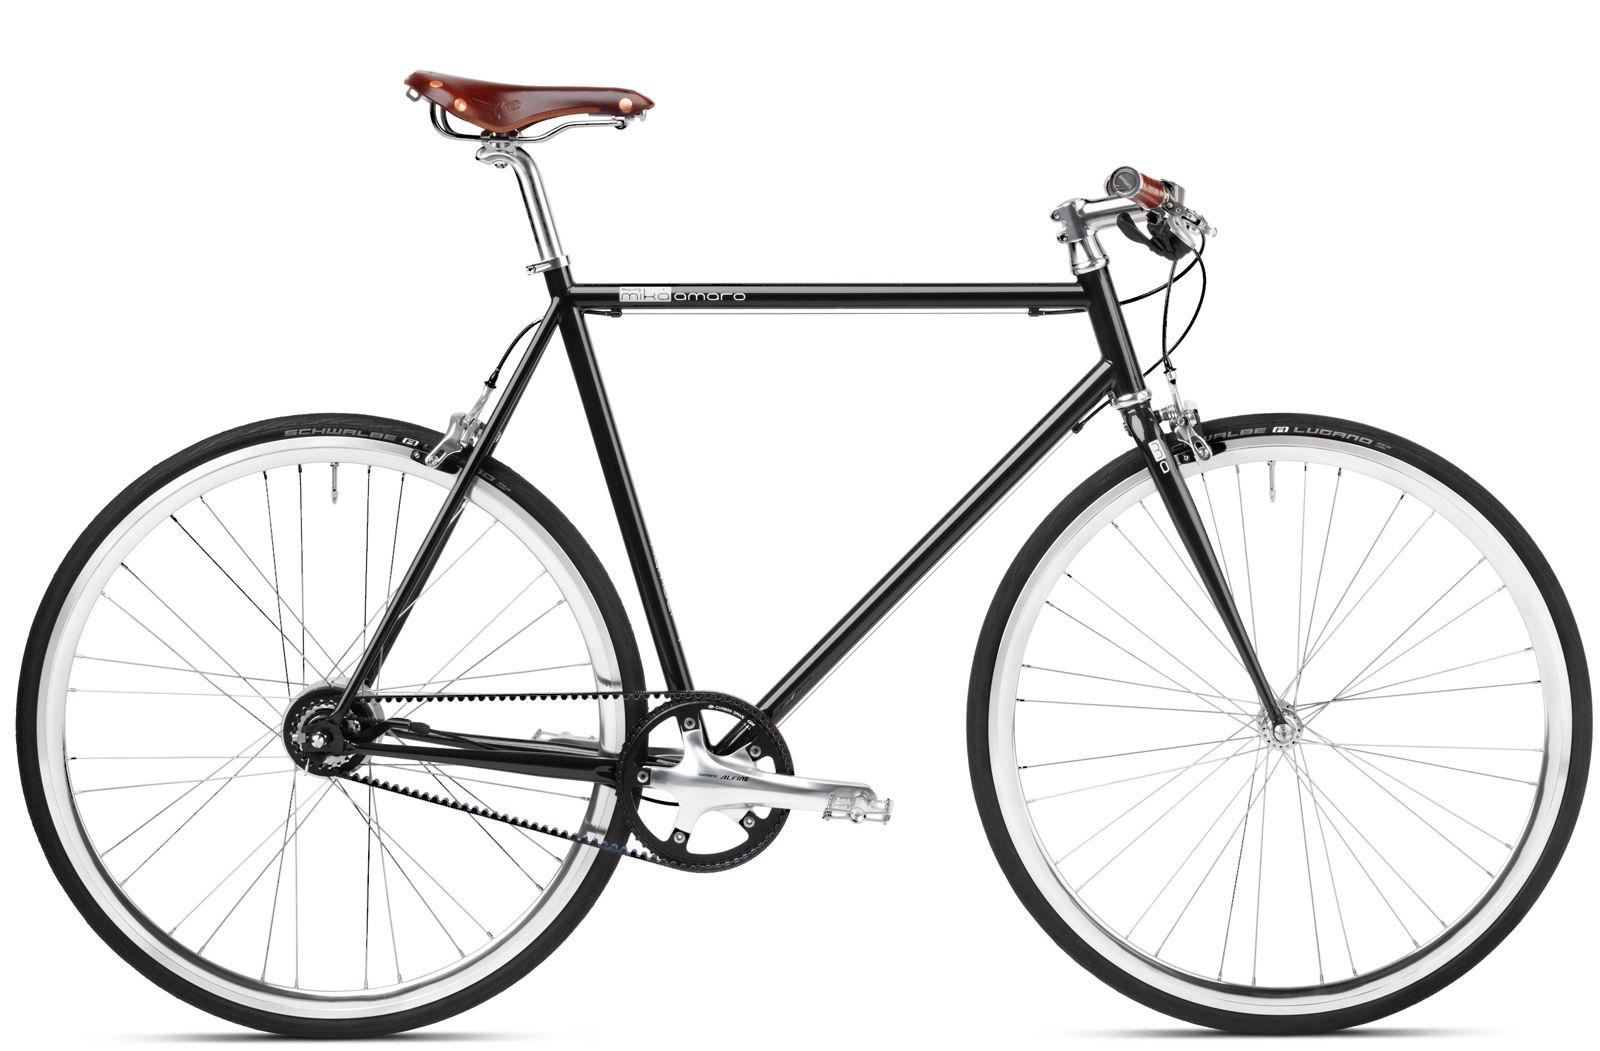 75a4e4ec461 Urban Bikes - mika amaro Urban Bikes